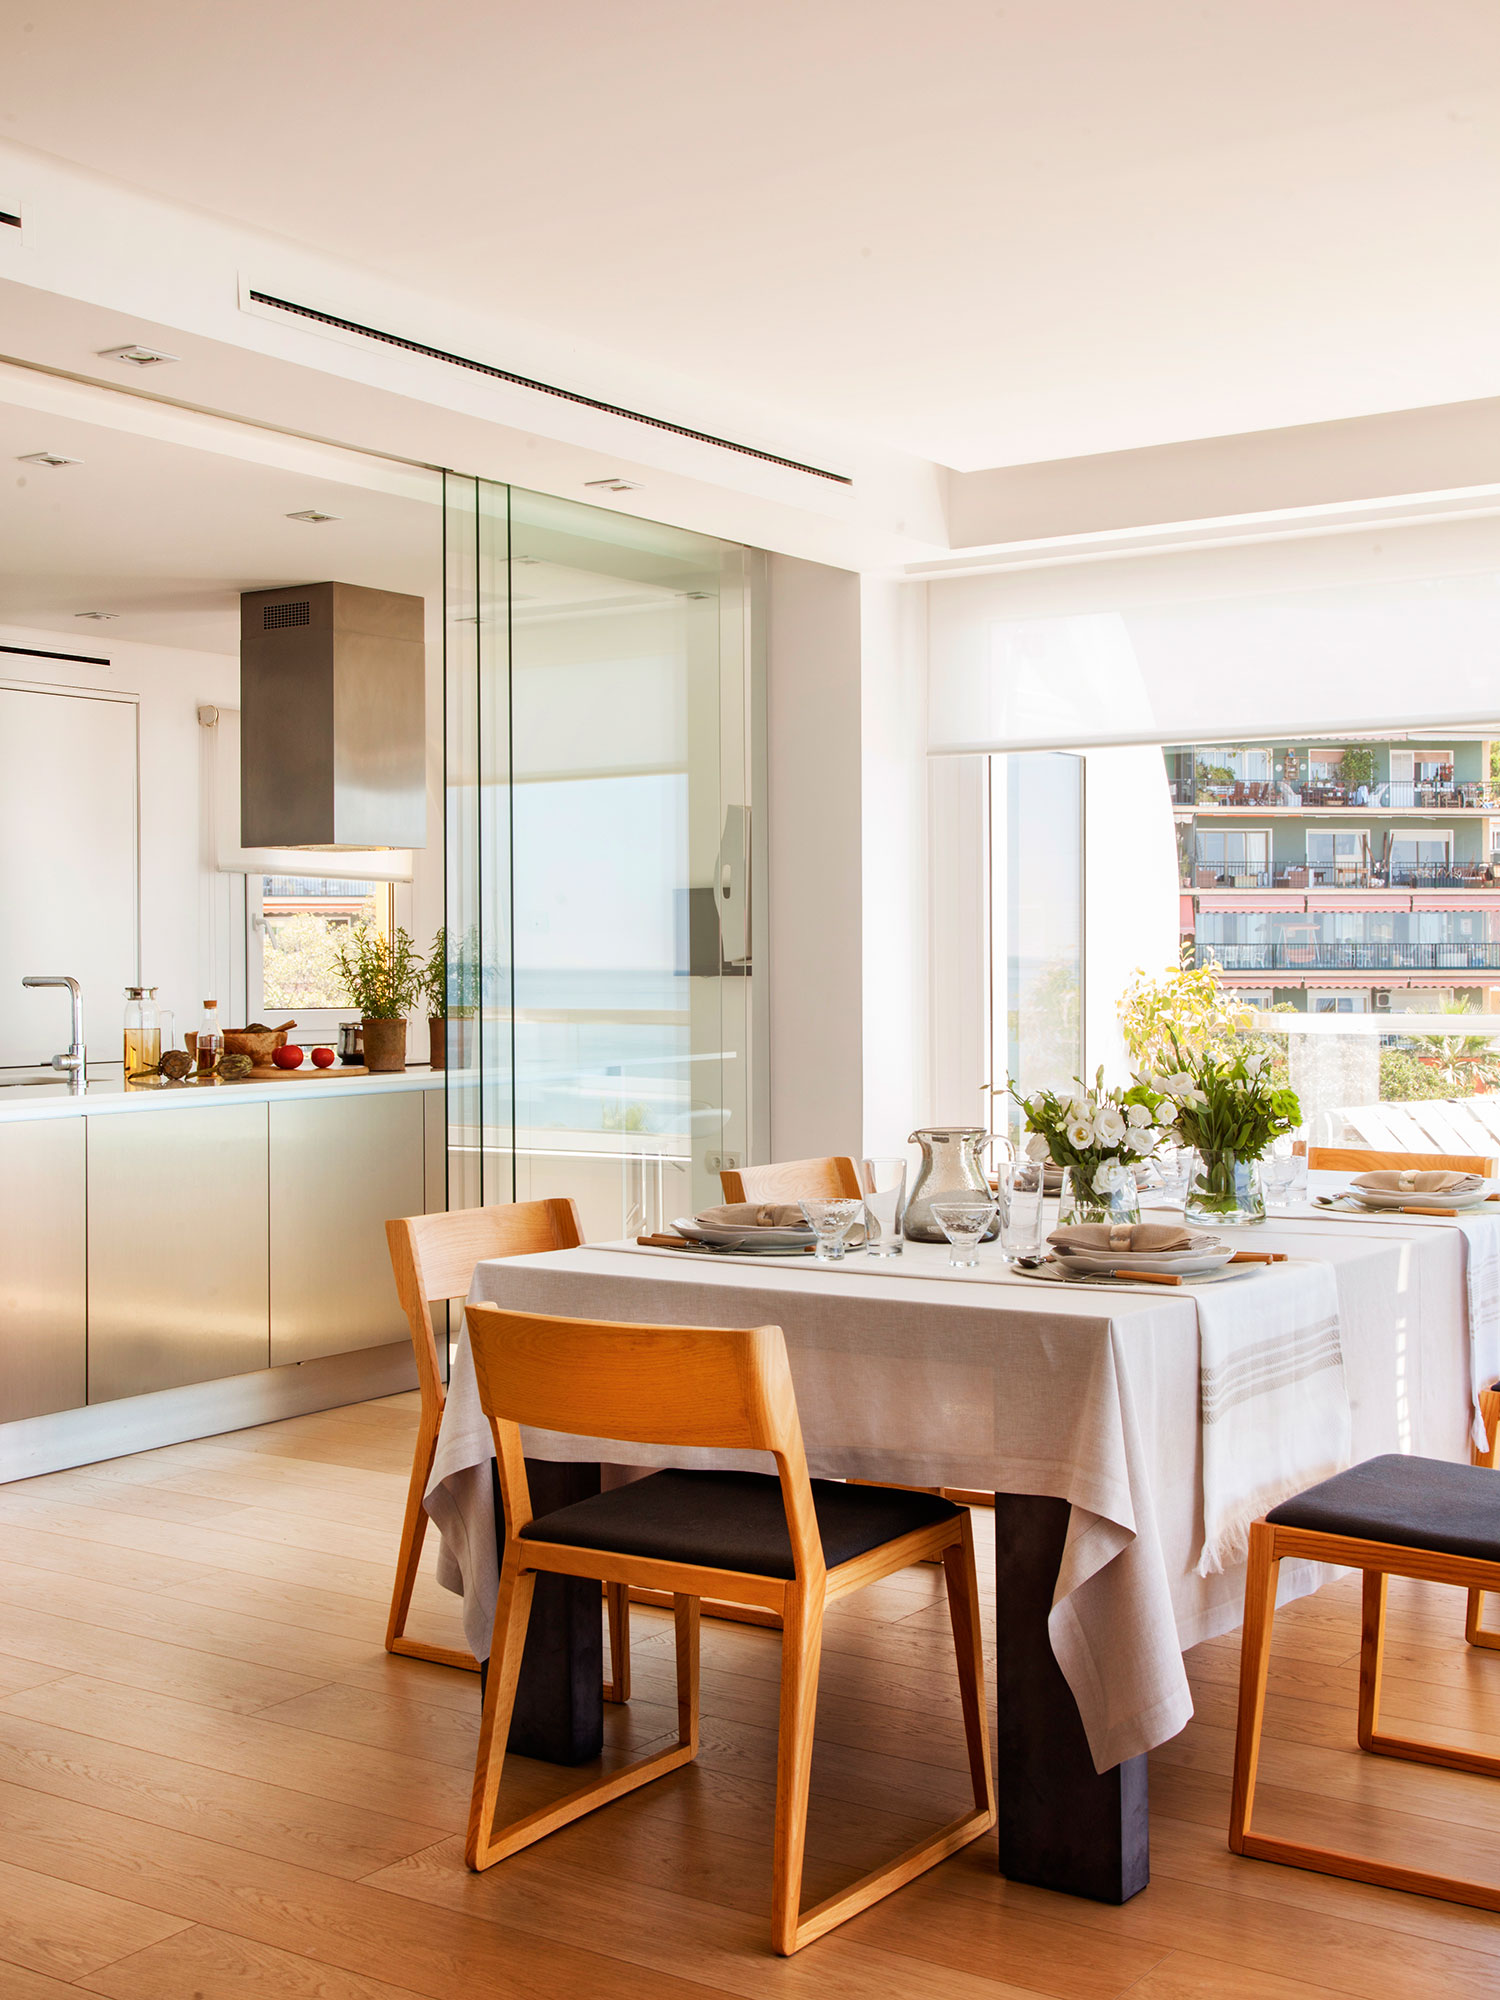 10 ideas infalibles para multiplicar la luz en la cocina for Cocina comedor salon